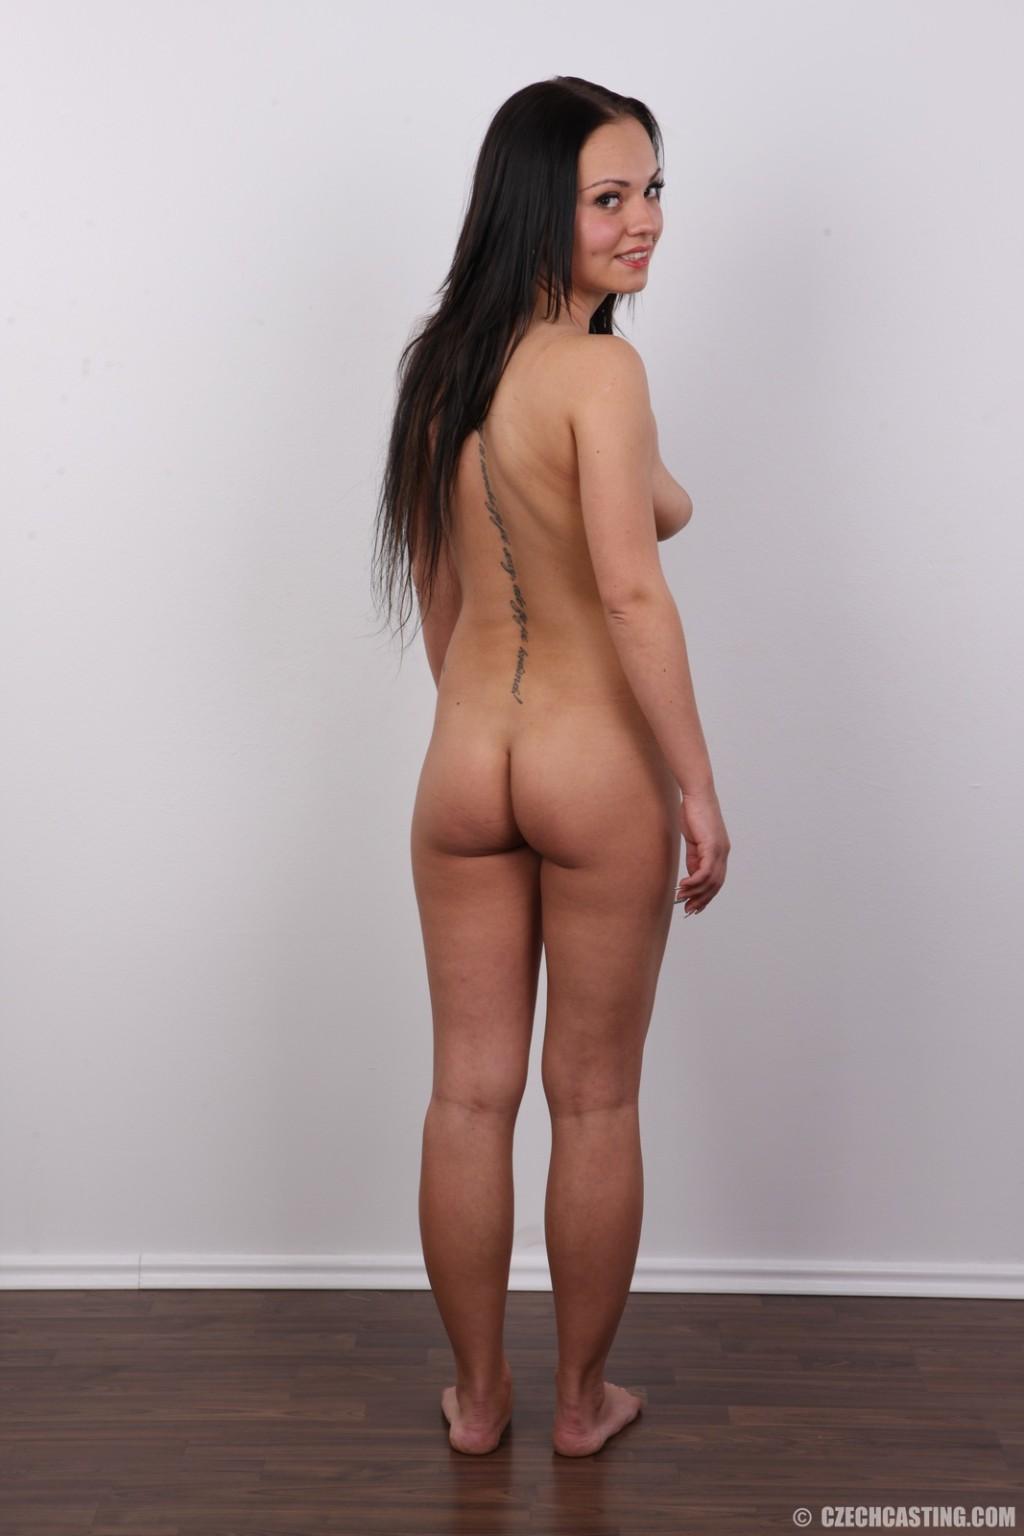 Брюнетка на кастинге в сексуальном белом белье улыбается на камеру